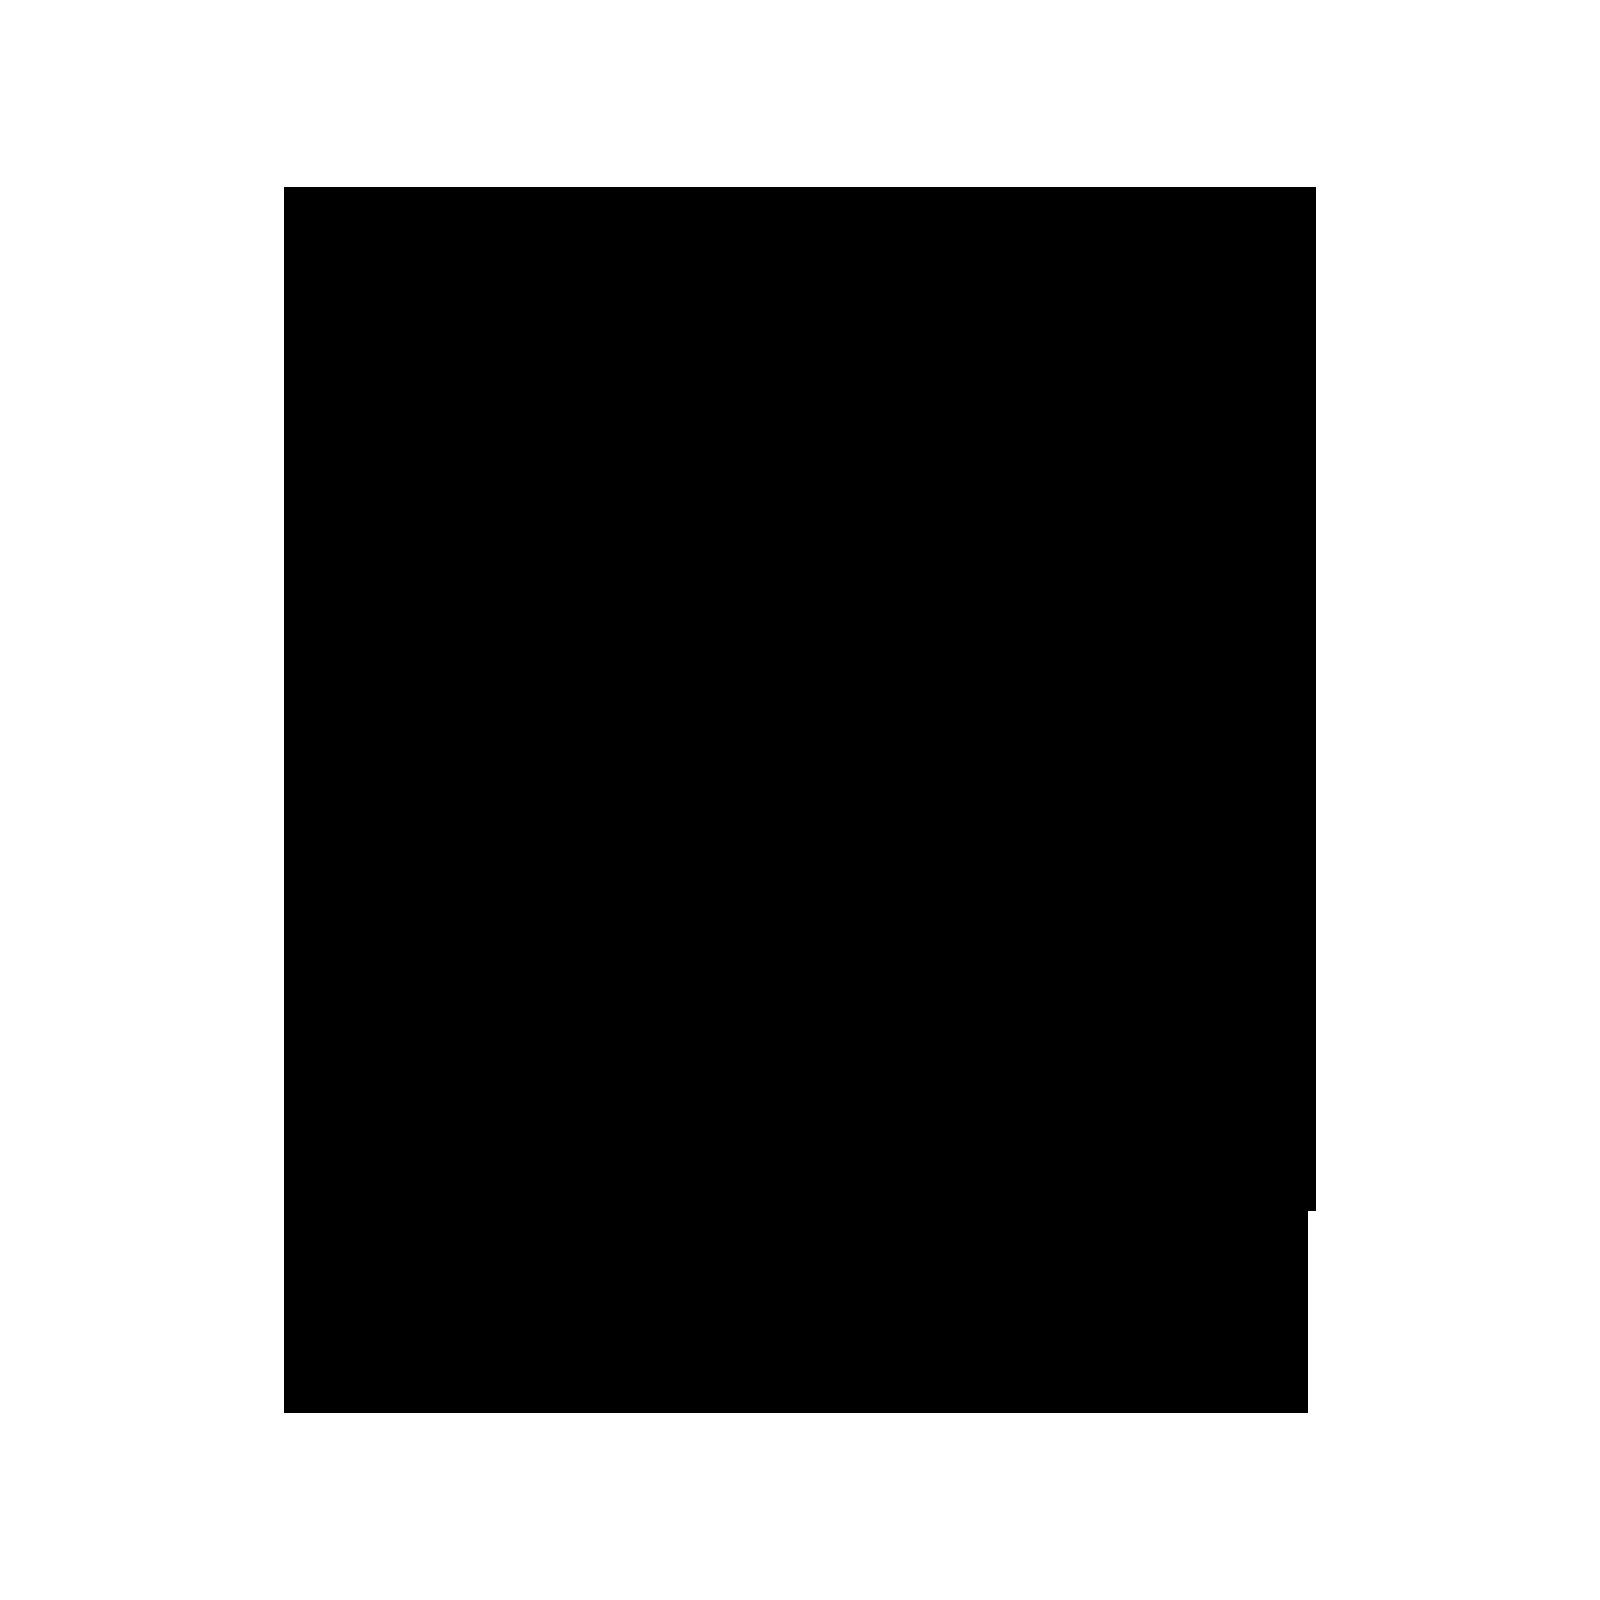 Dusch-Säule mit Wandhalterung, Überkopfdusche und Dusche